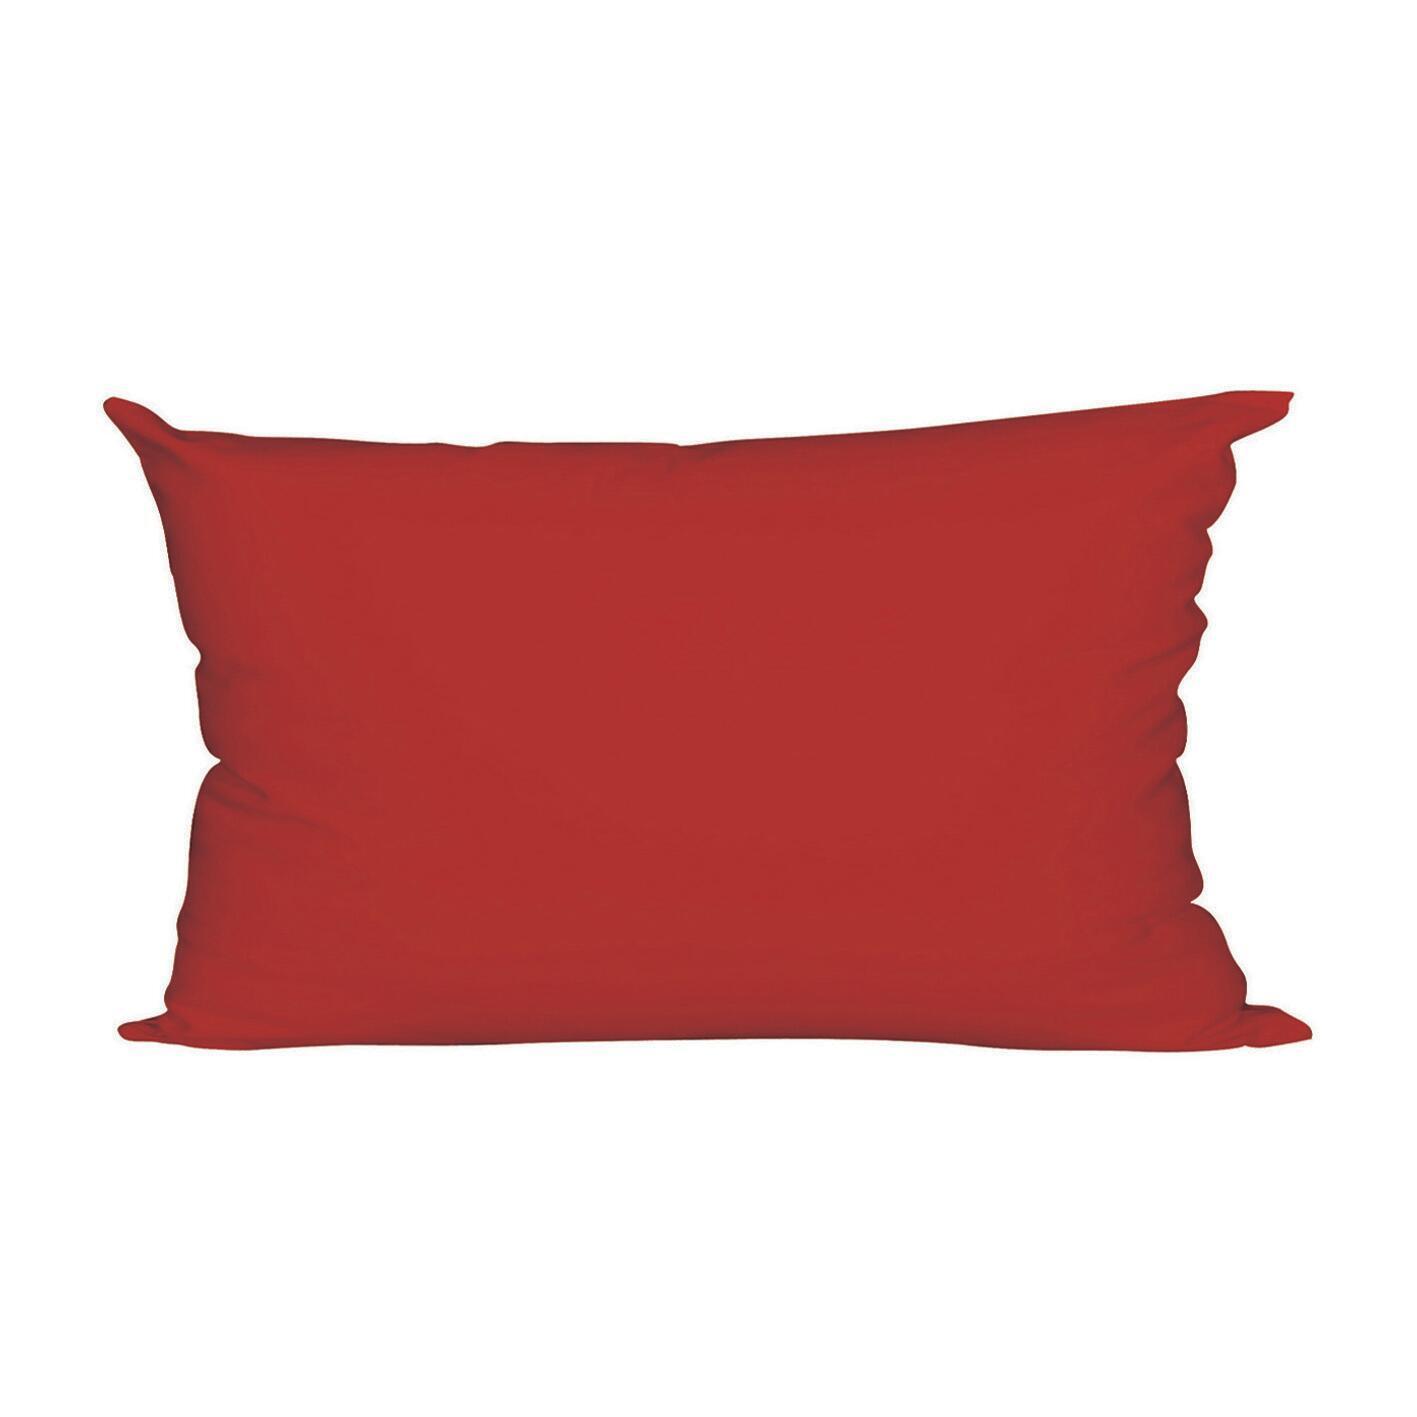 Fodera per cuscino Colorama rosso 50x30 cm - 1